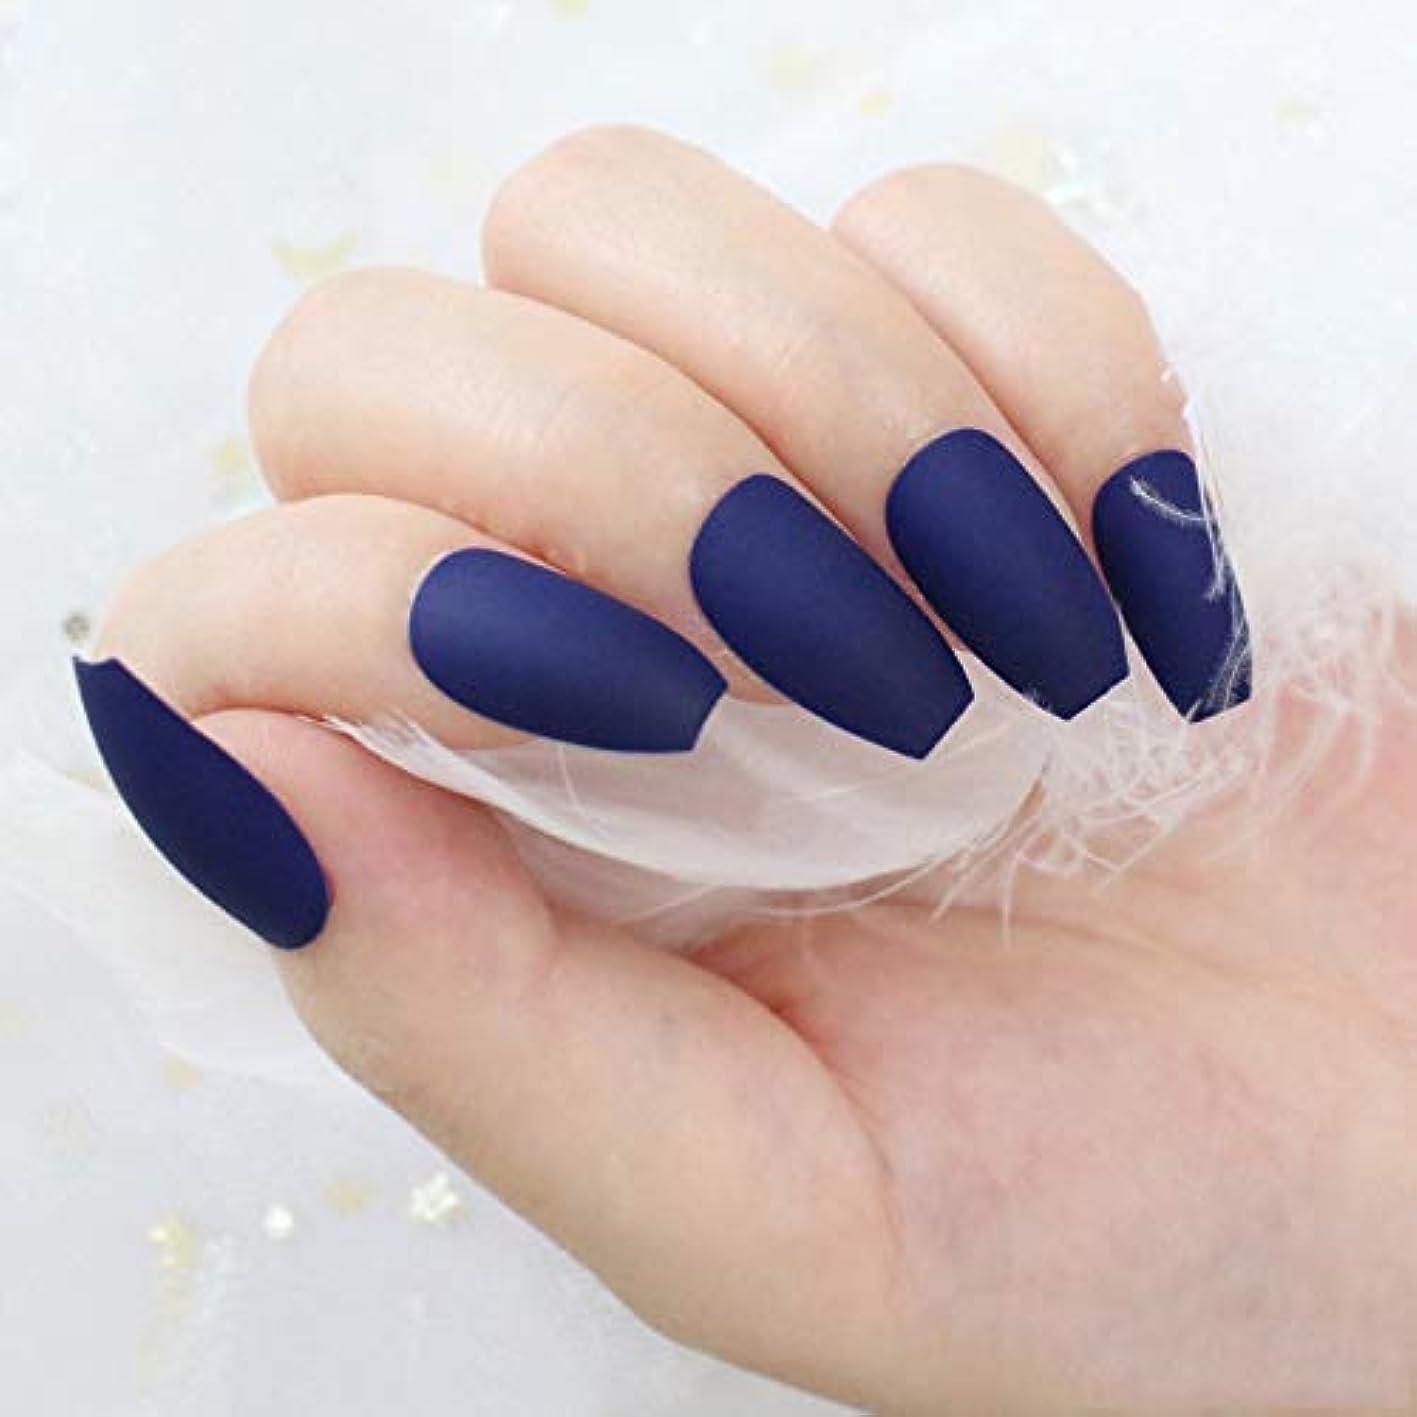 保守可能回転する一致するXUTXZKA 24個/セットマット偽ネイルフル女性偽爪ネイルアートデコレーションツール